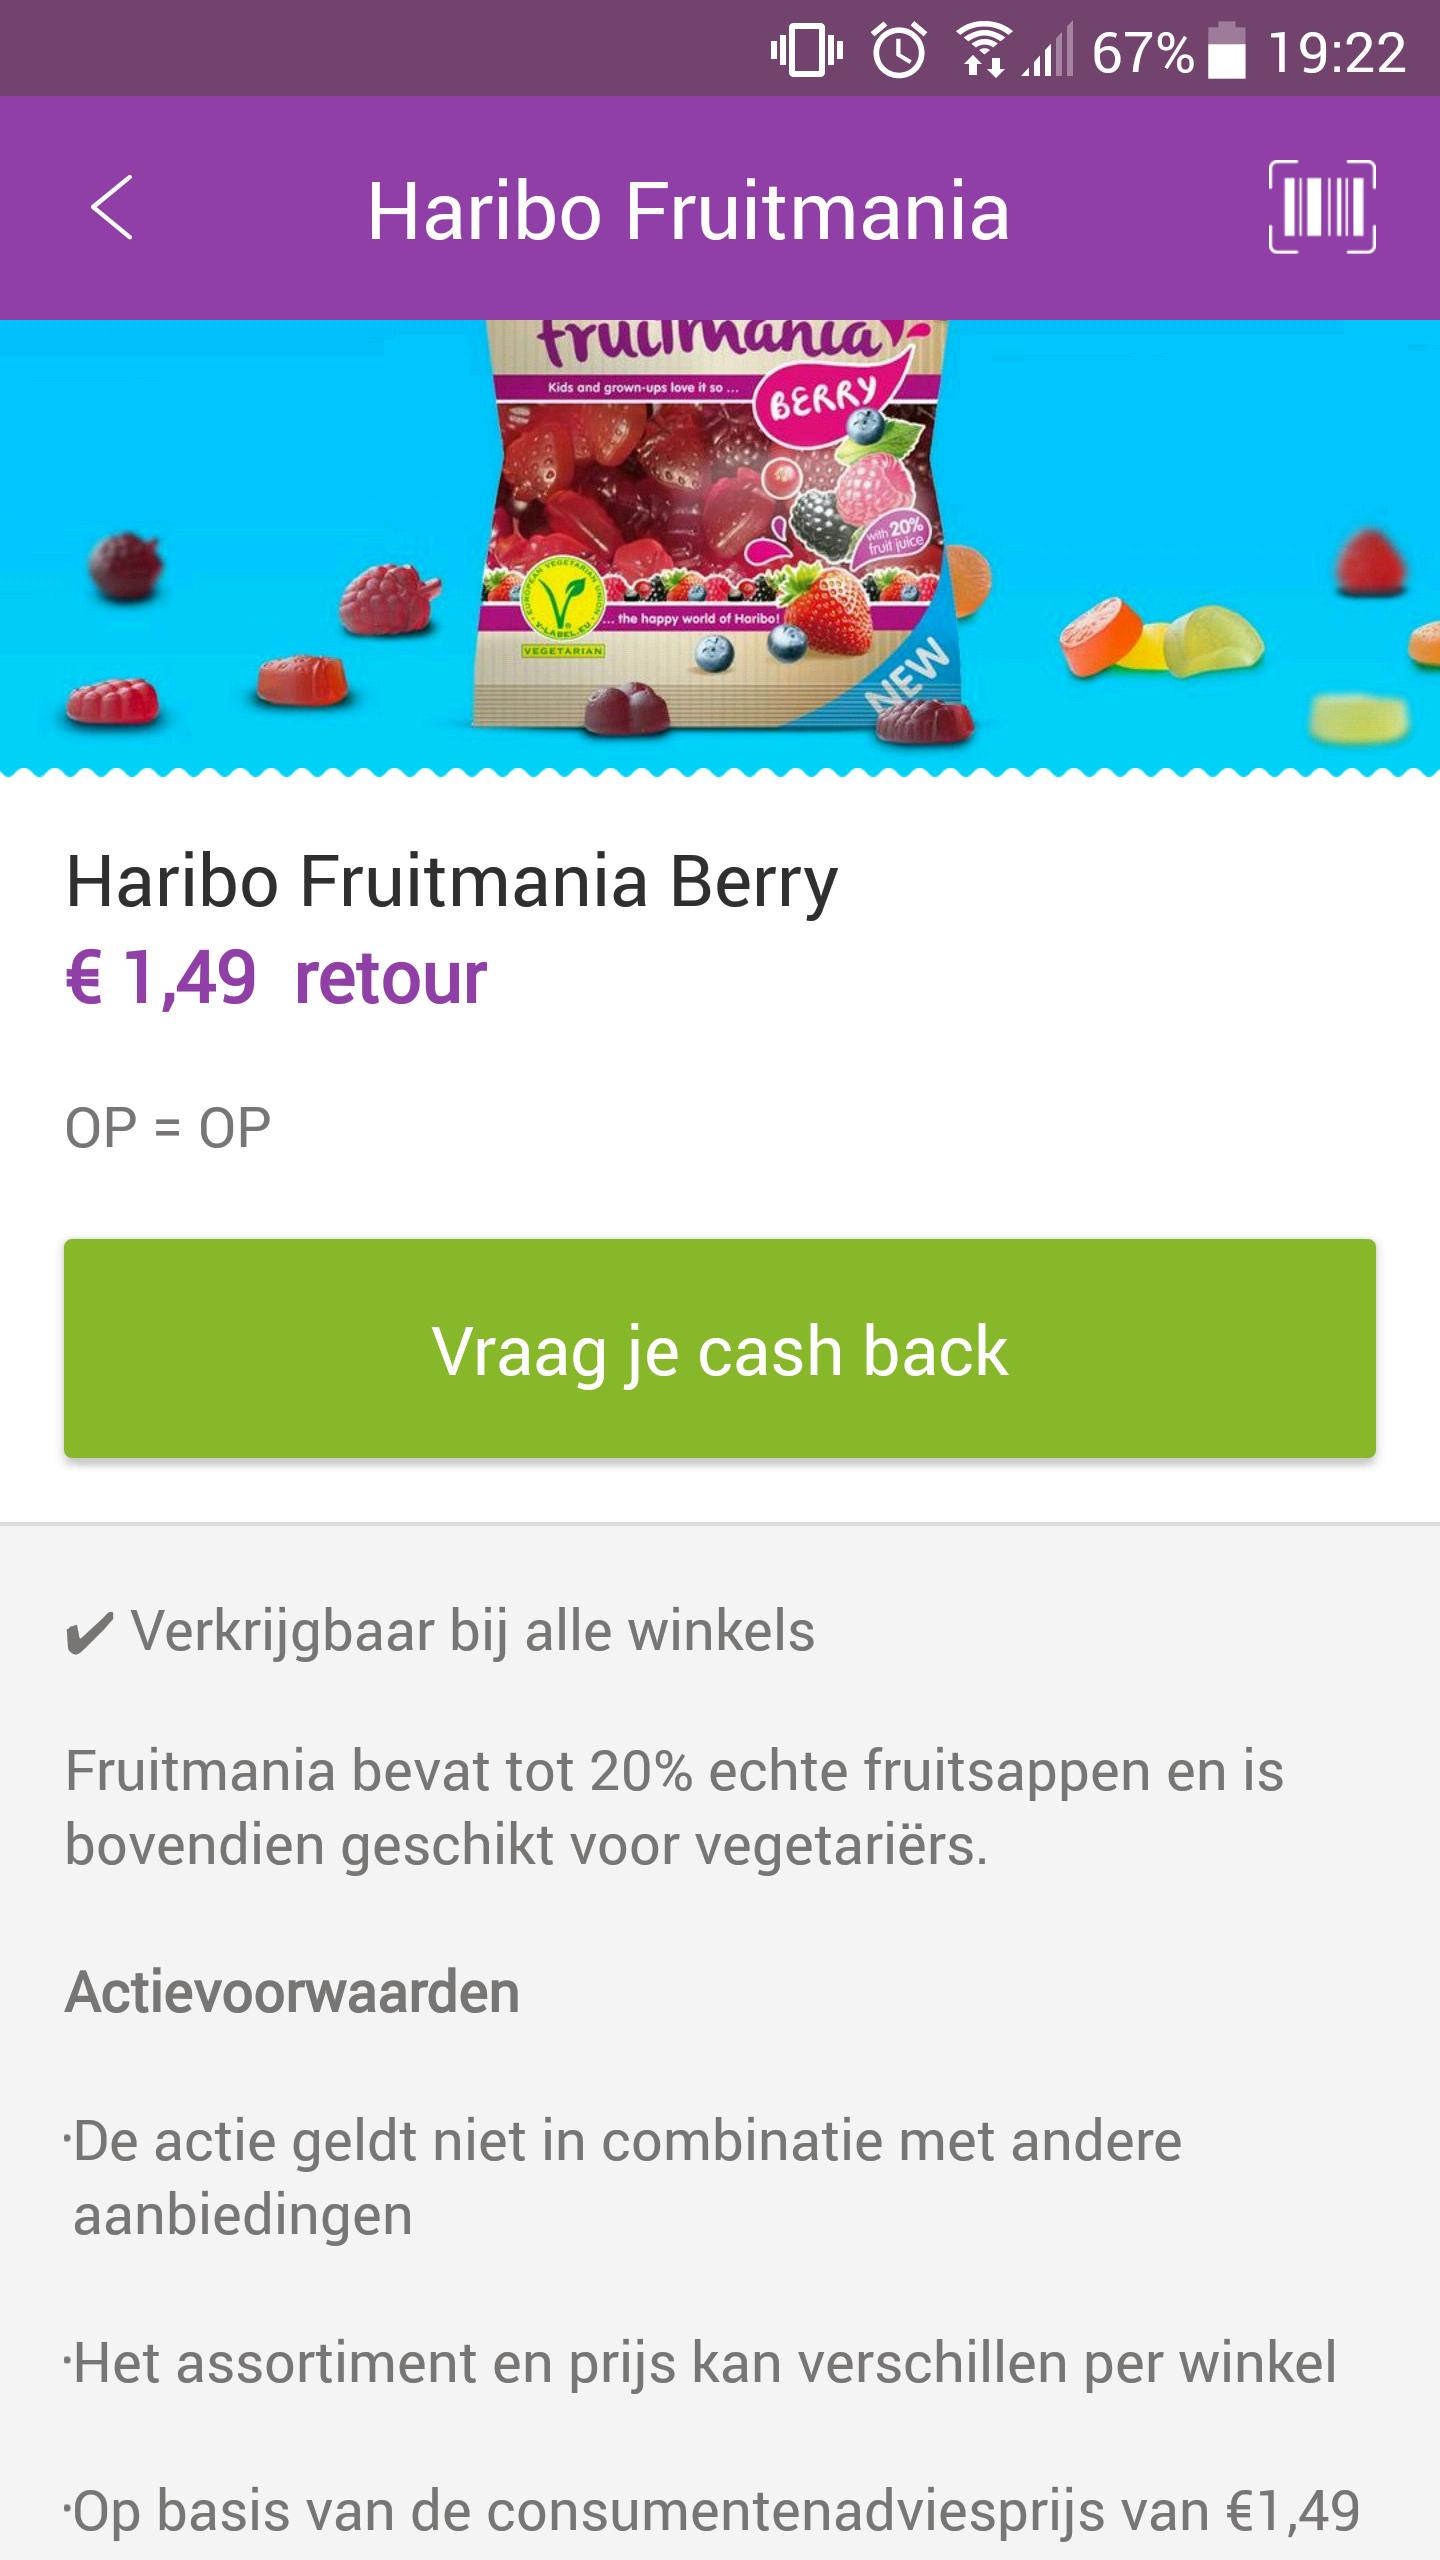 Gratis Haribo Fruitmania Berries